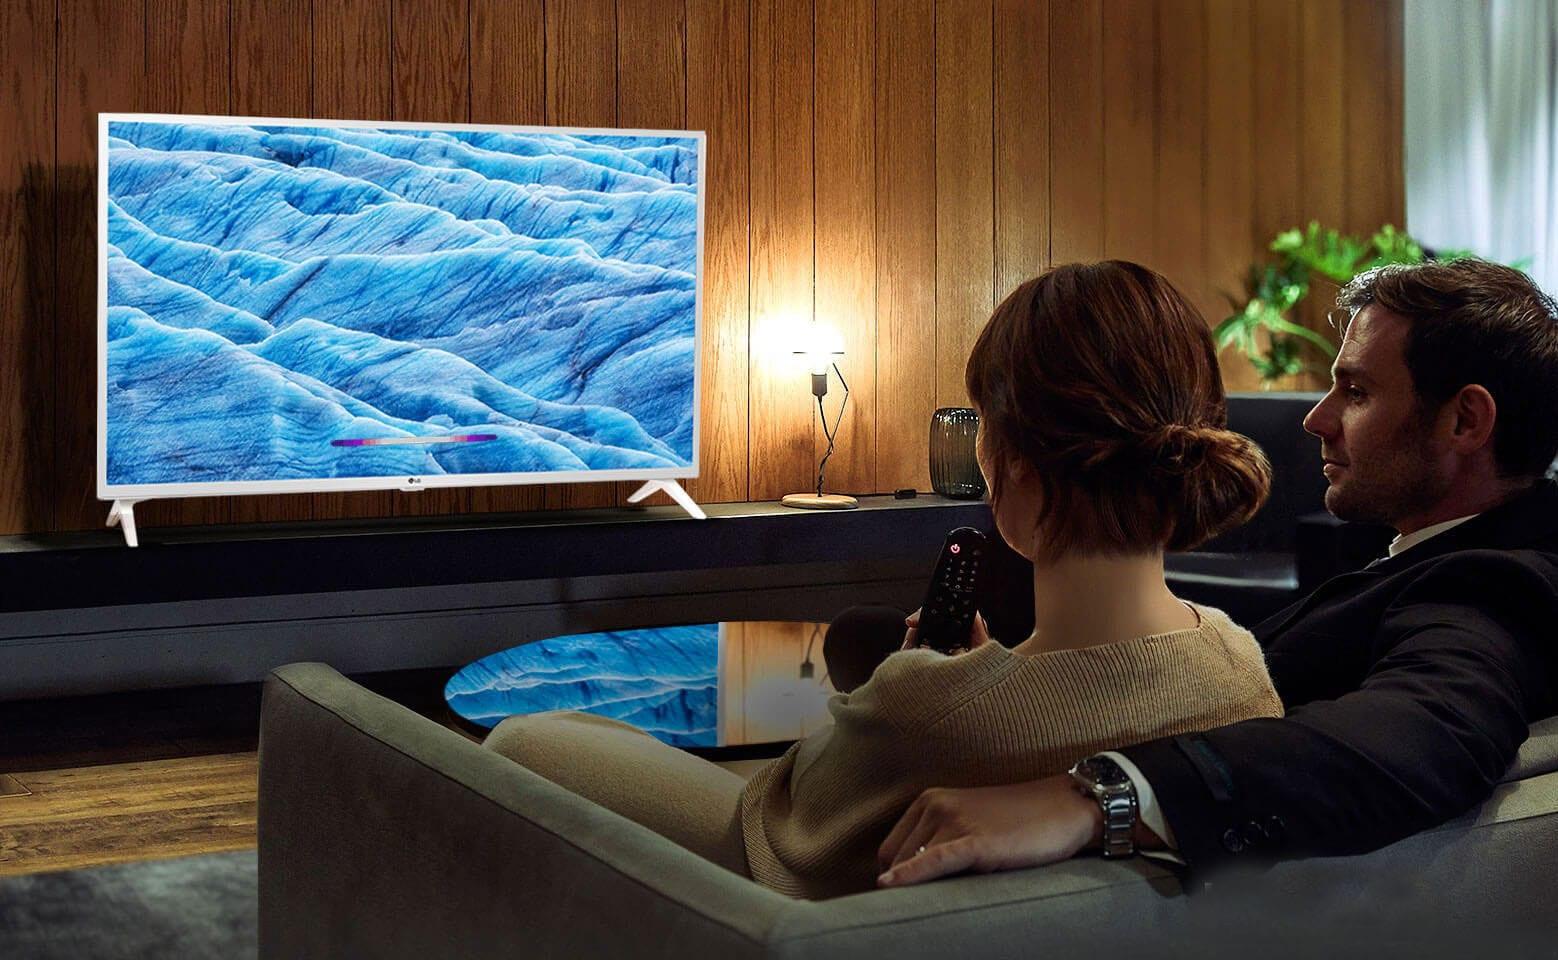 Televisori 4K: ormai bastano 300 euro per un buon modello